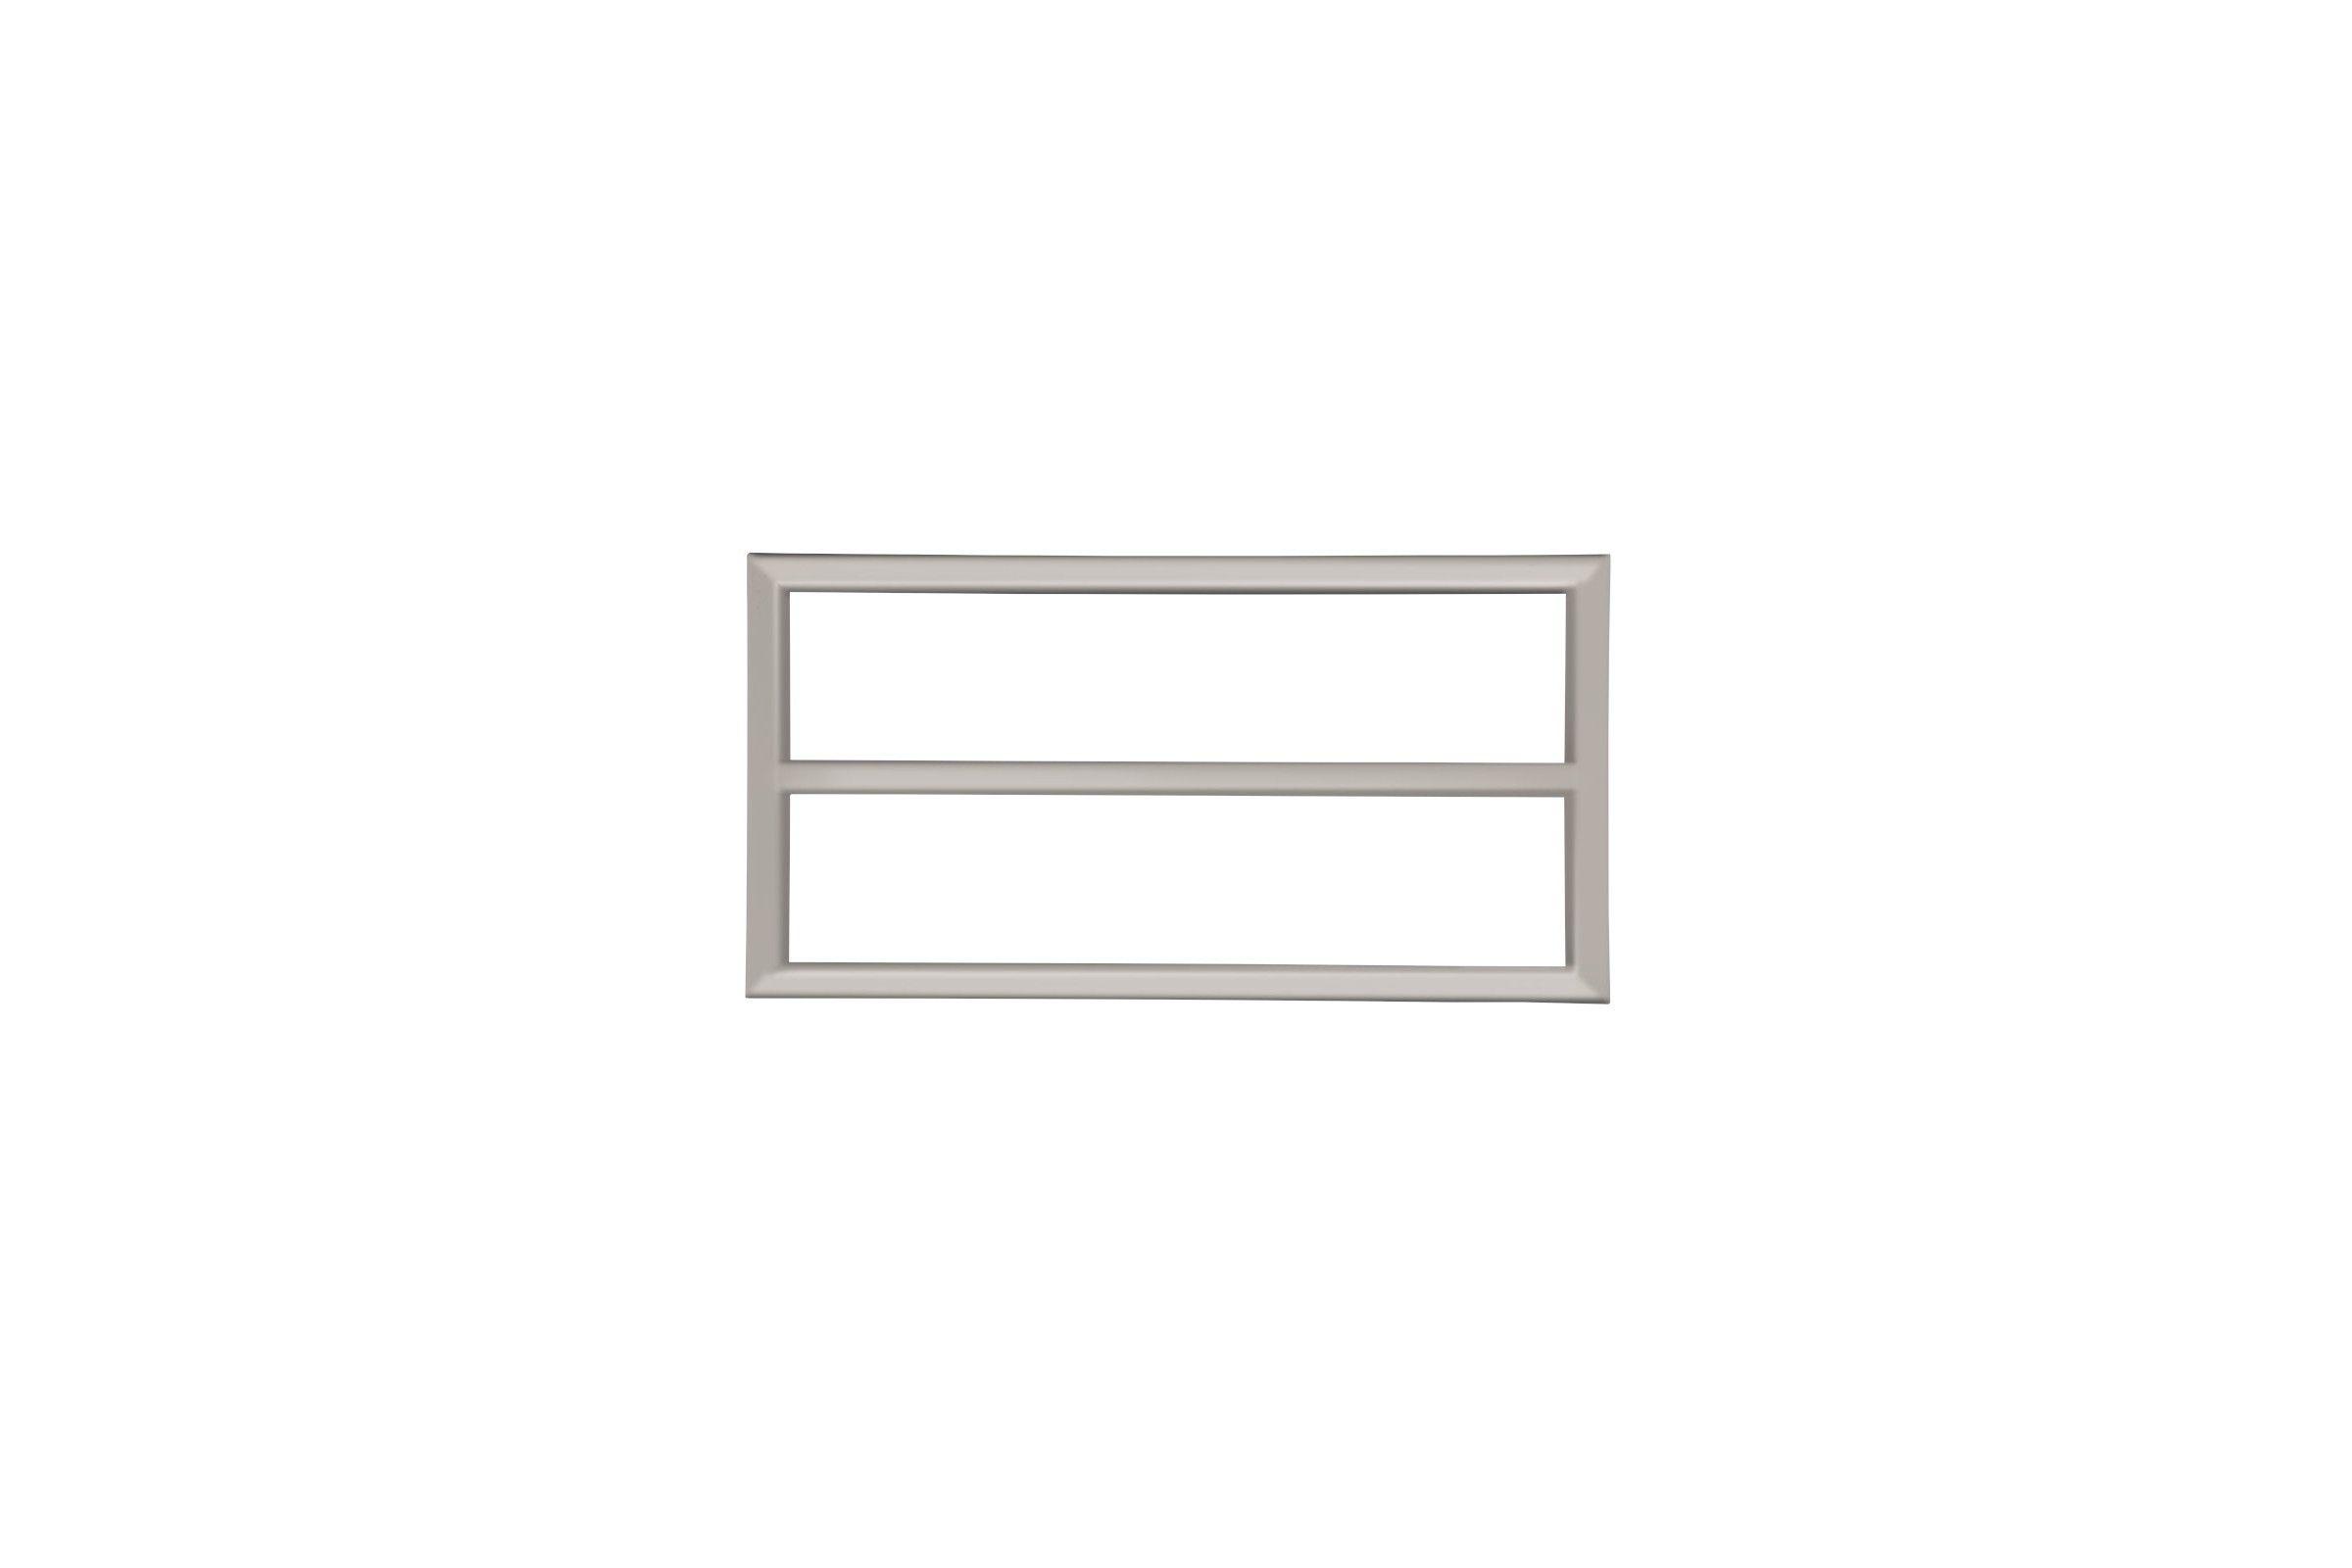 plan de toilette en teck massif sur mesure finition huil e line art la galerie du teck. Black Bedroom Furniture Sets. Home Design Ideas